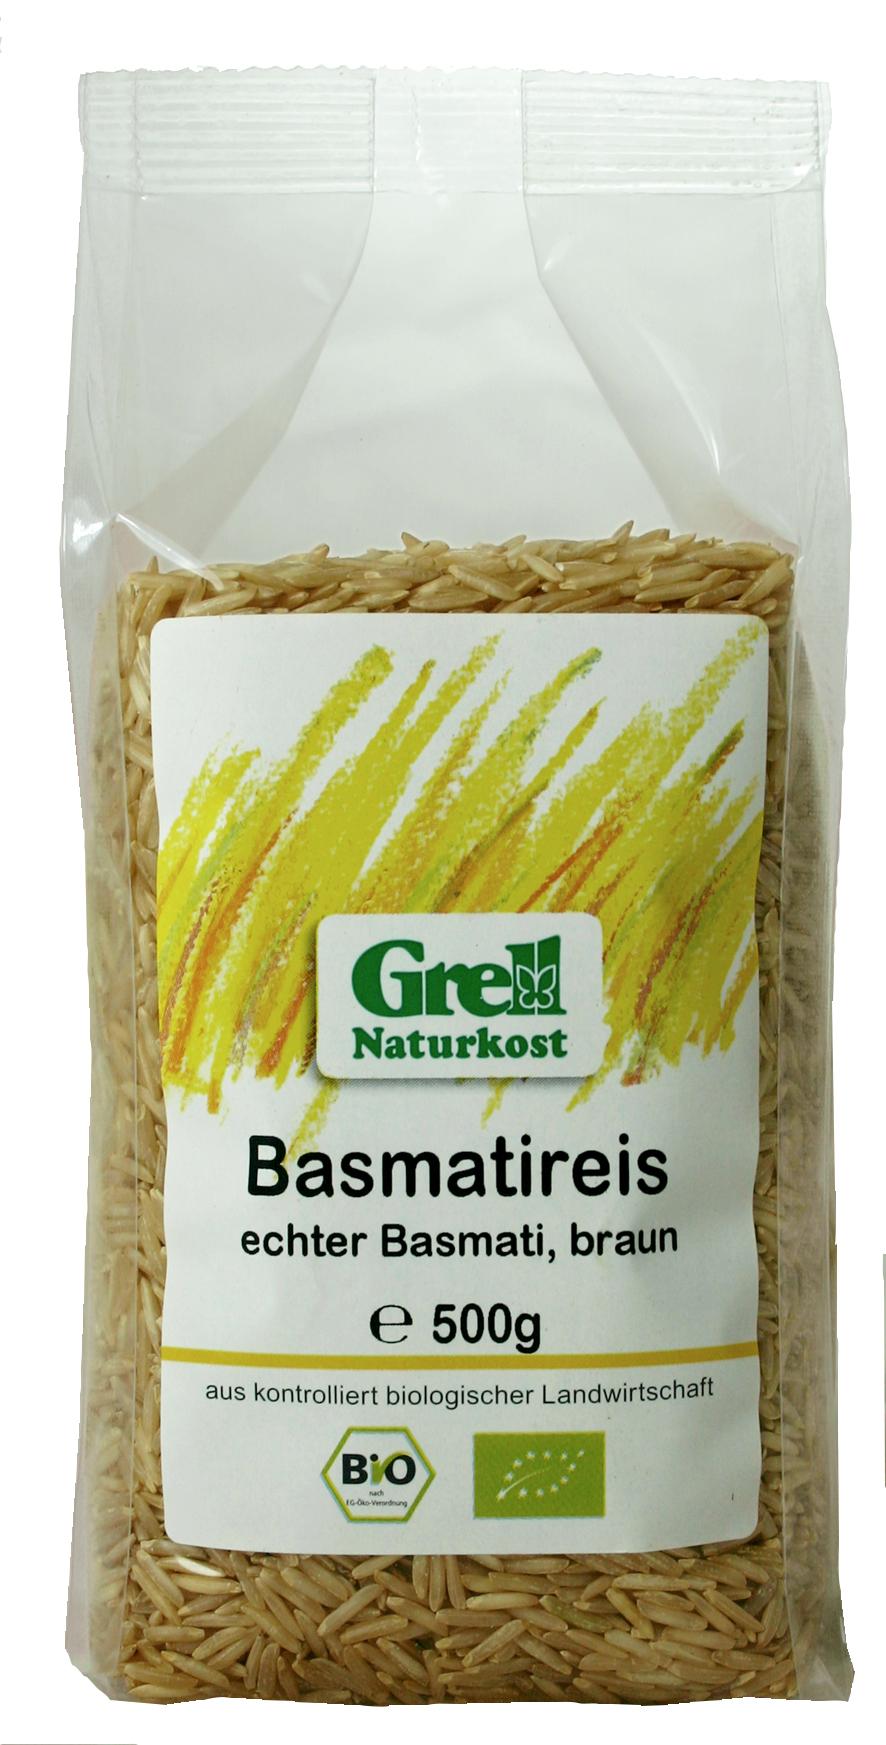 Basmatireis, echter Basmatireis, braun